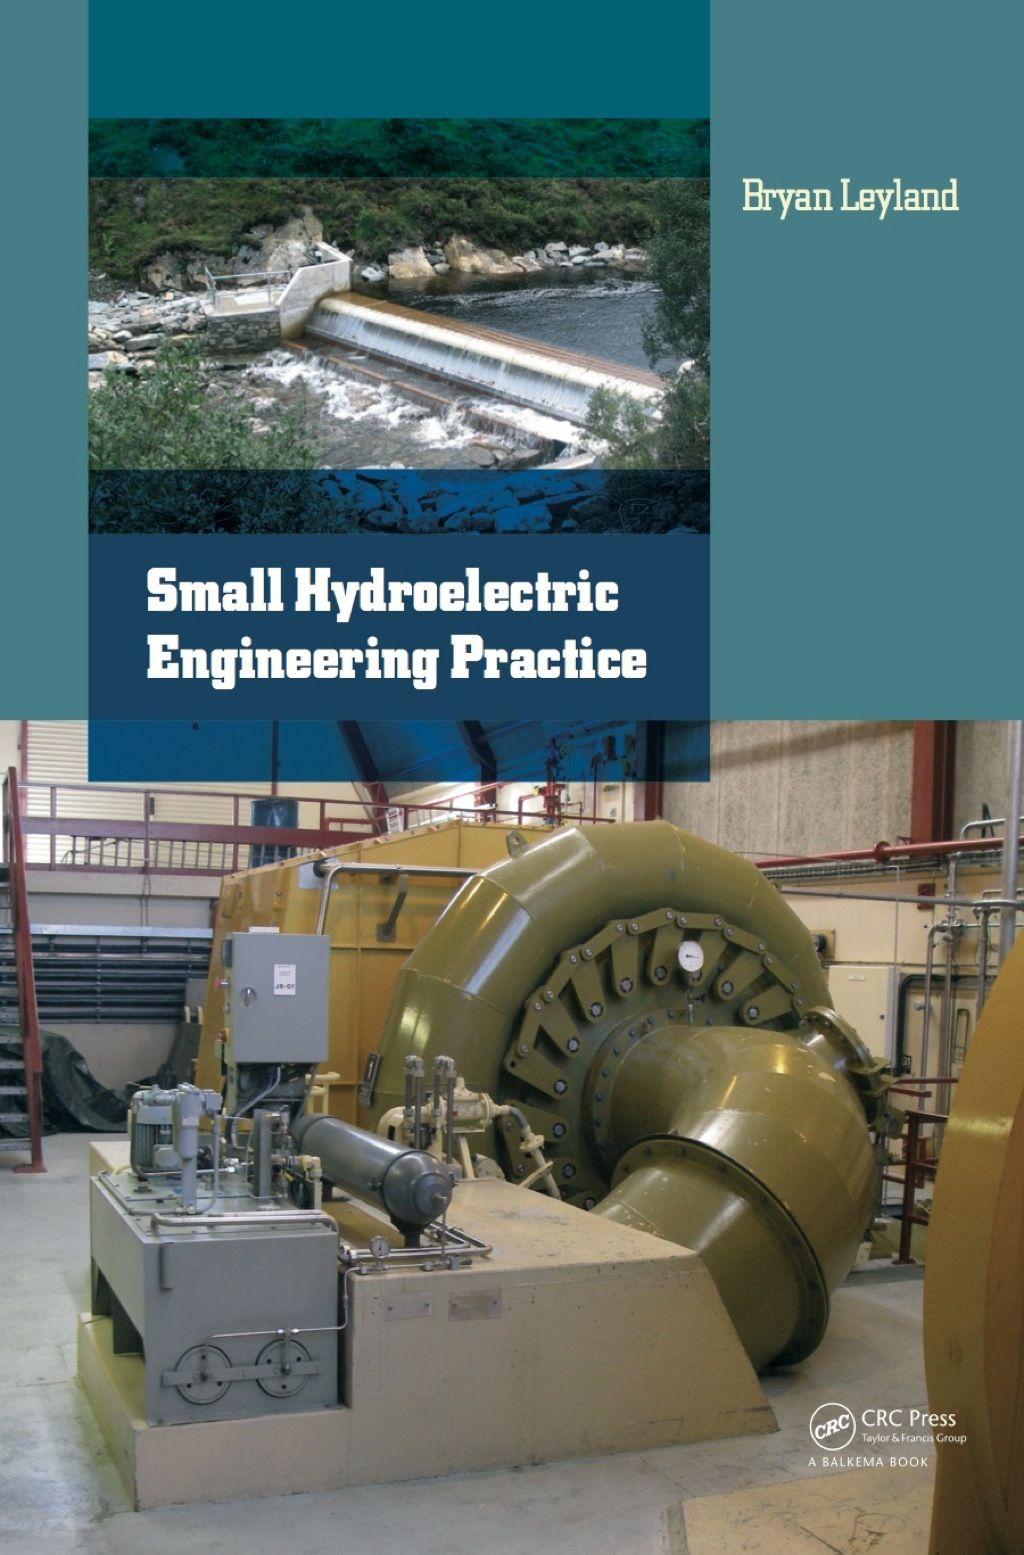 Small Hydroelectric Engineering Practice (eBook Rental